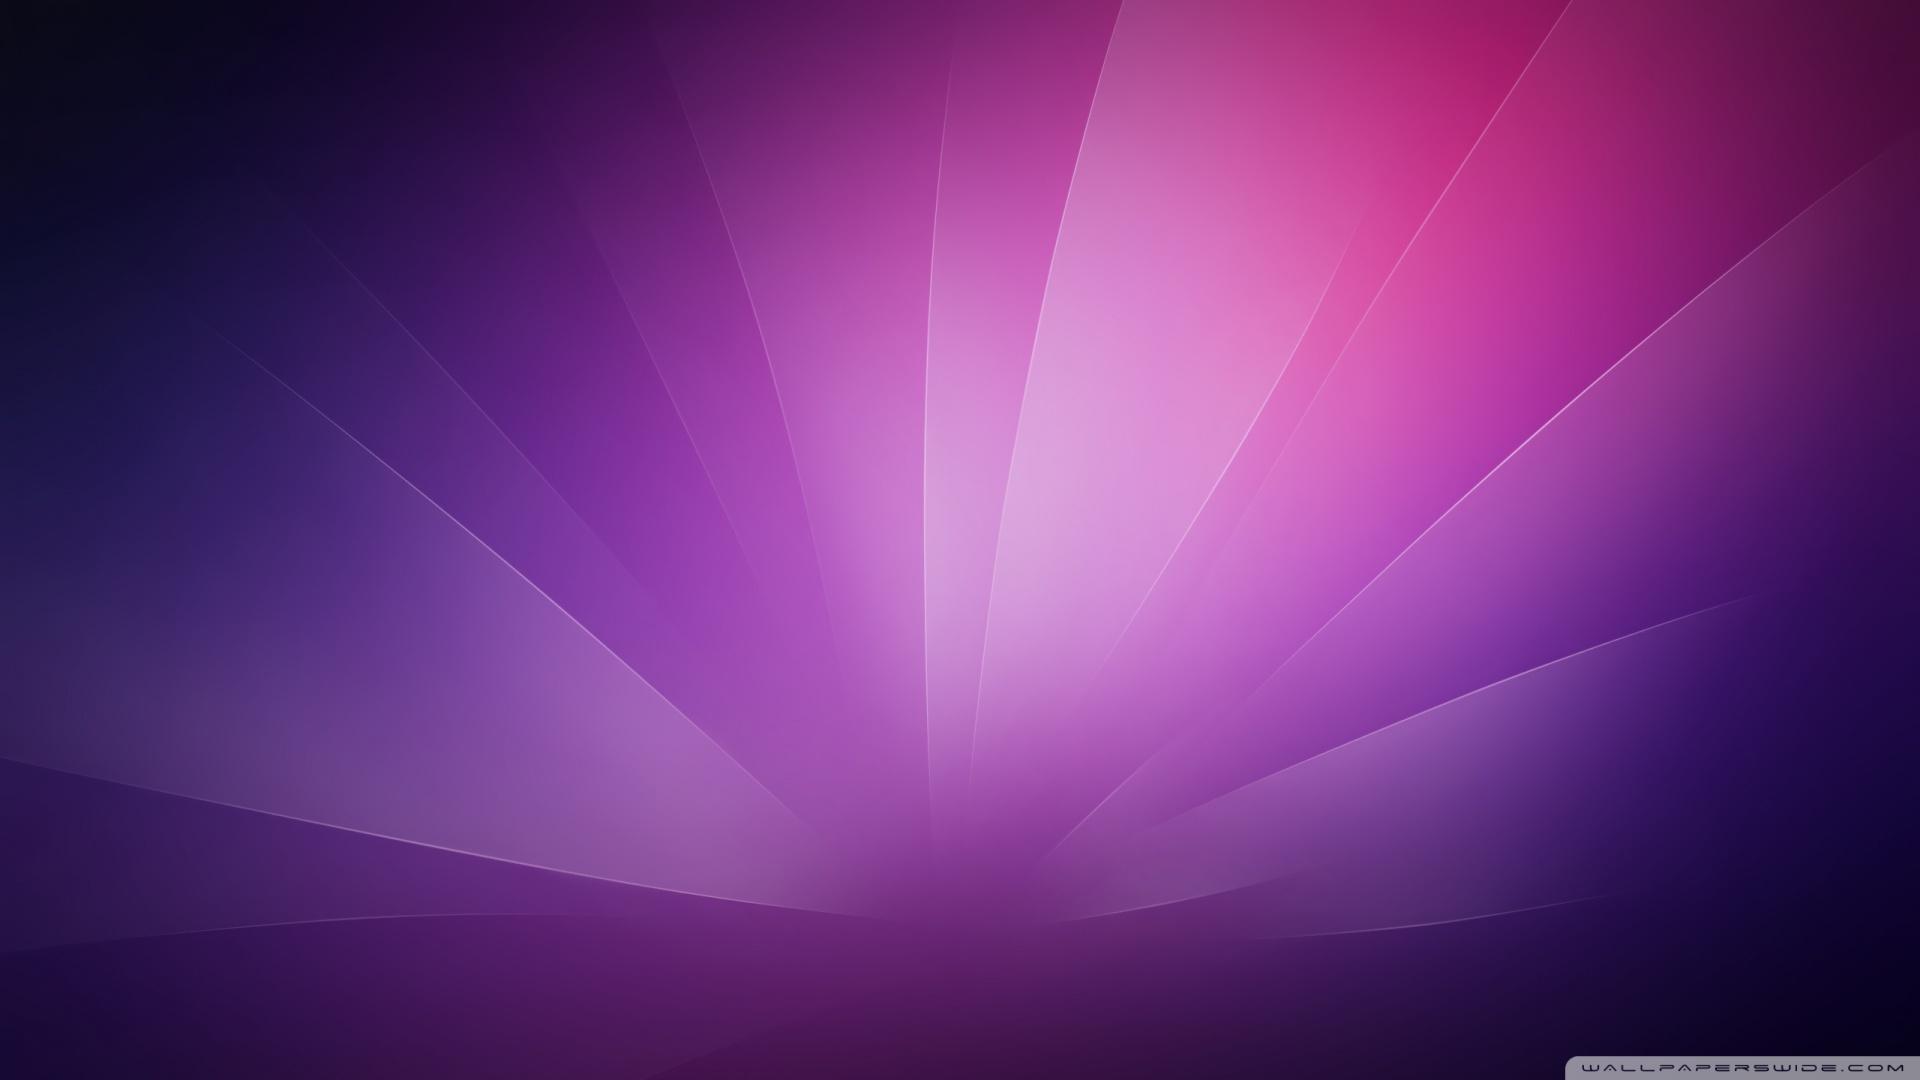 download Purple Minimalist Background Wallpaper 1920x1080 1920x1080